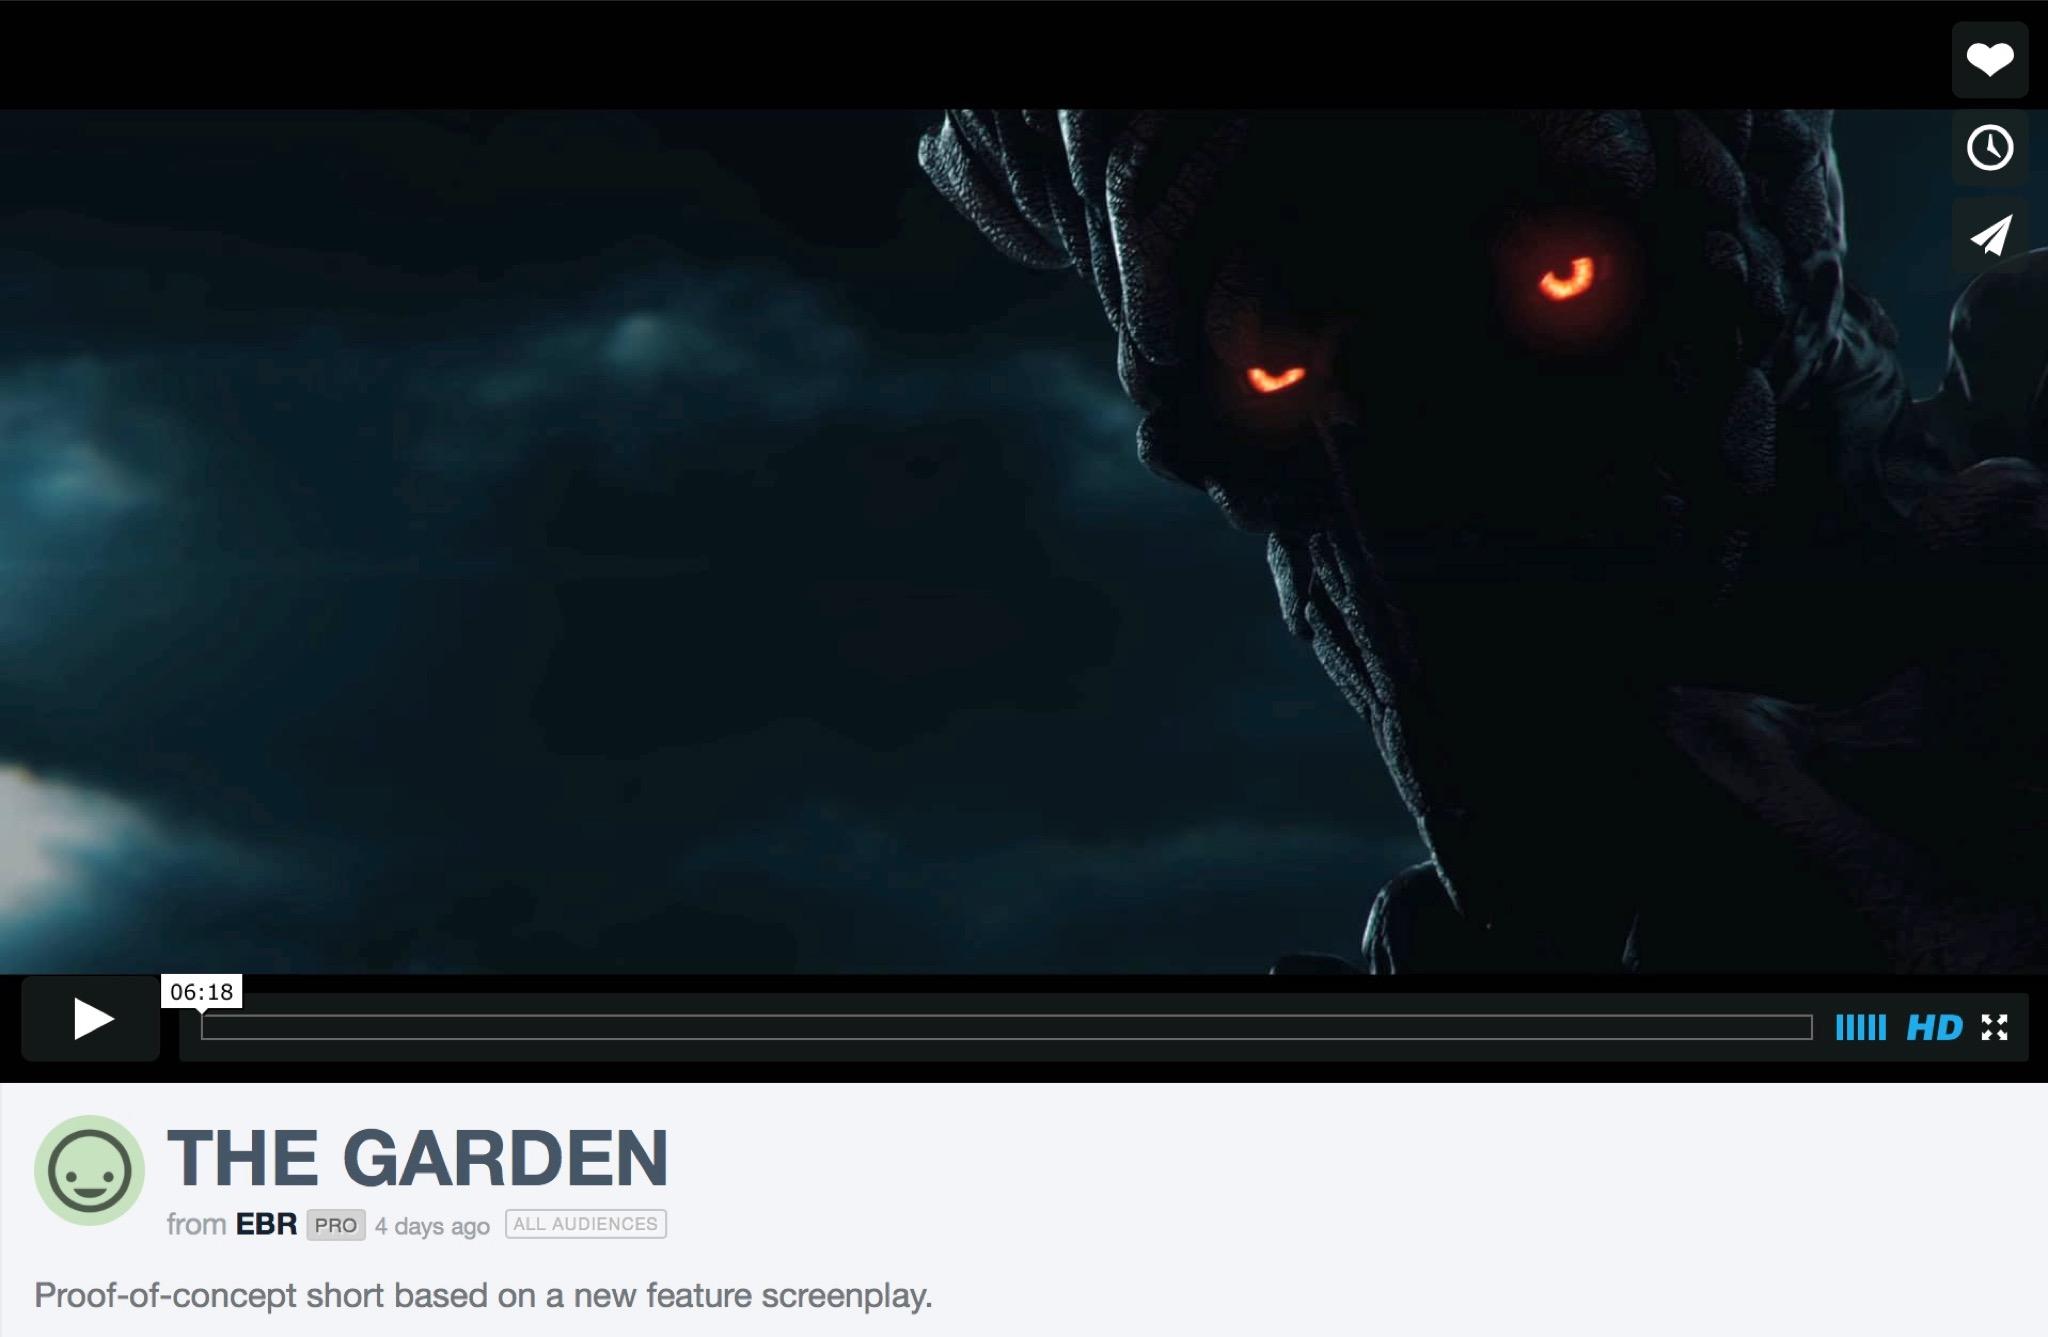 ザ・ガーデン| 園| The Garden (短編映画)